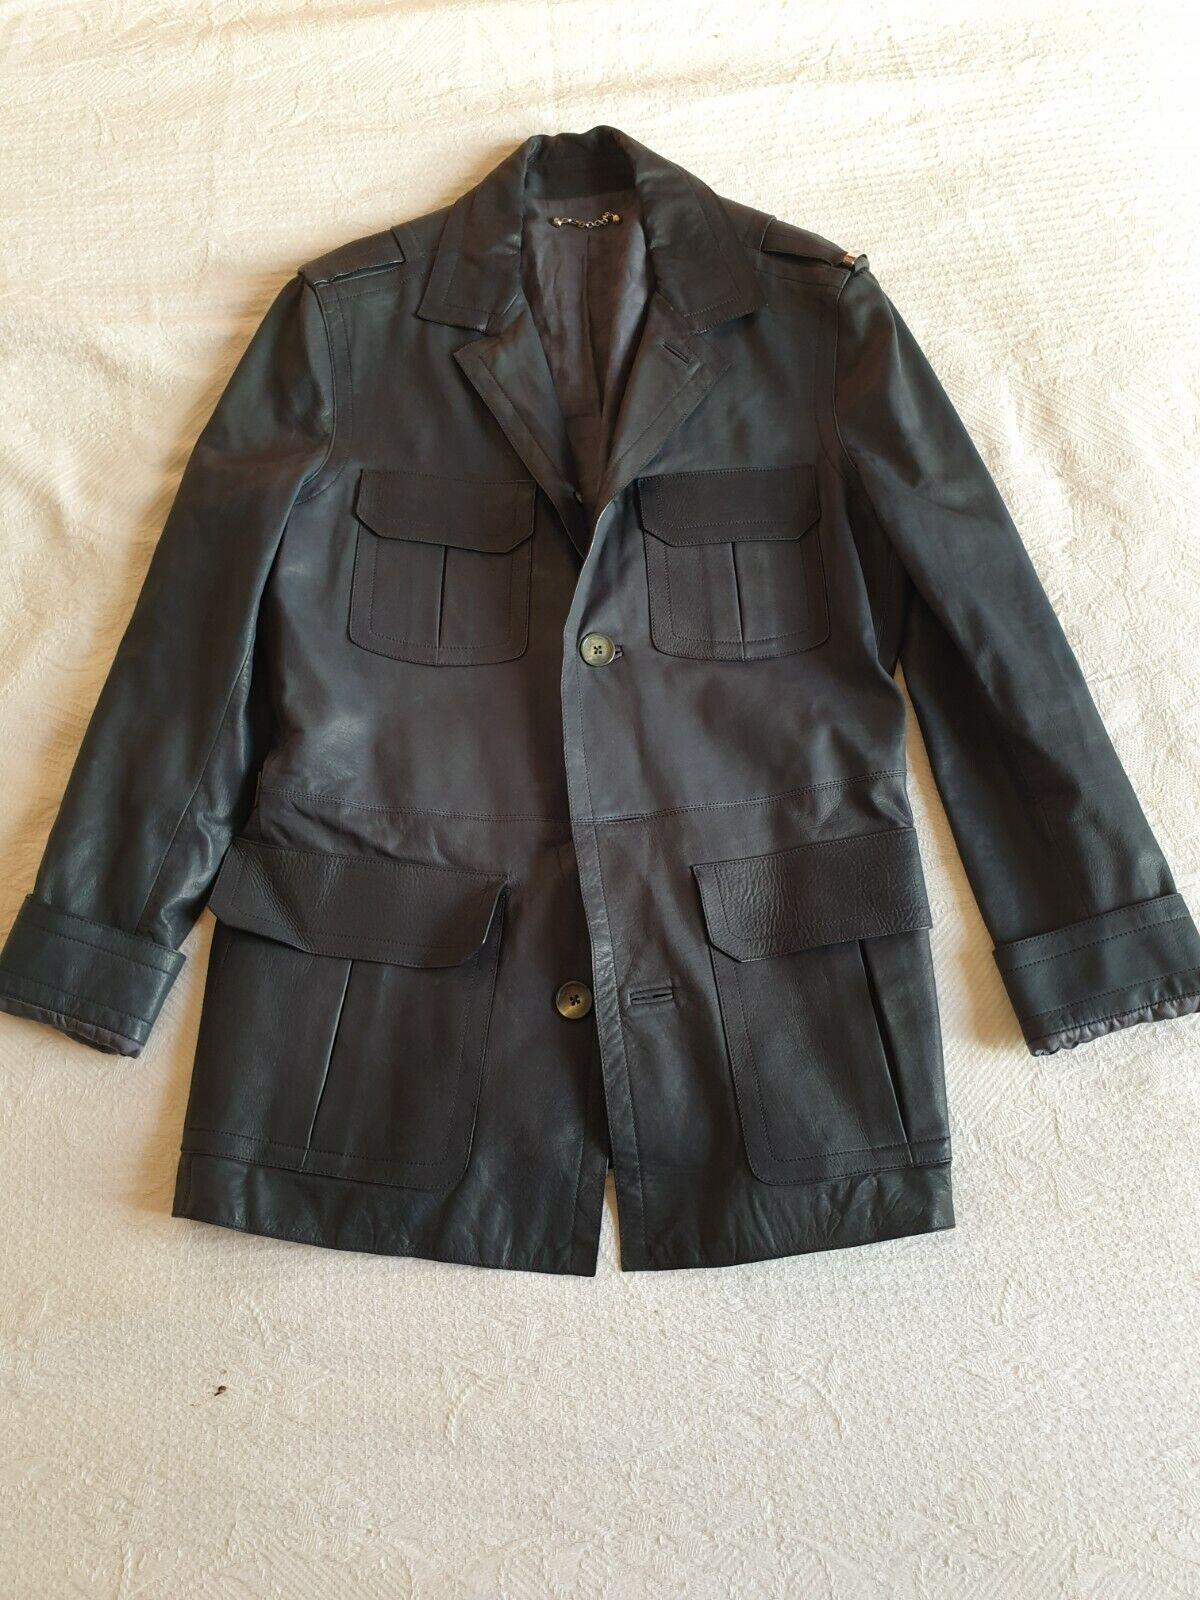 Veste longue cuir louis vuitton size 50